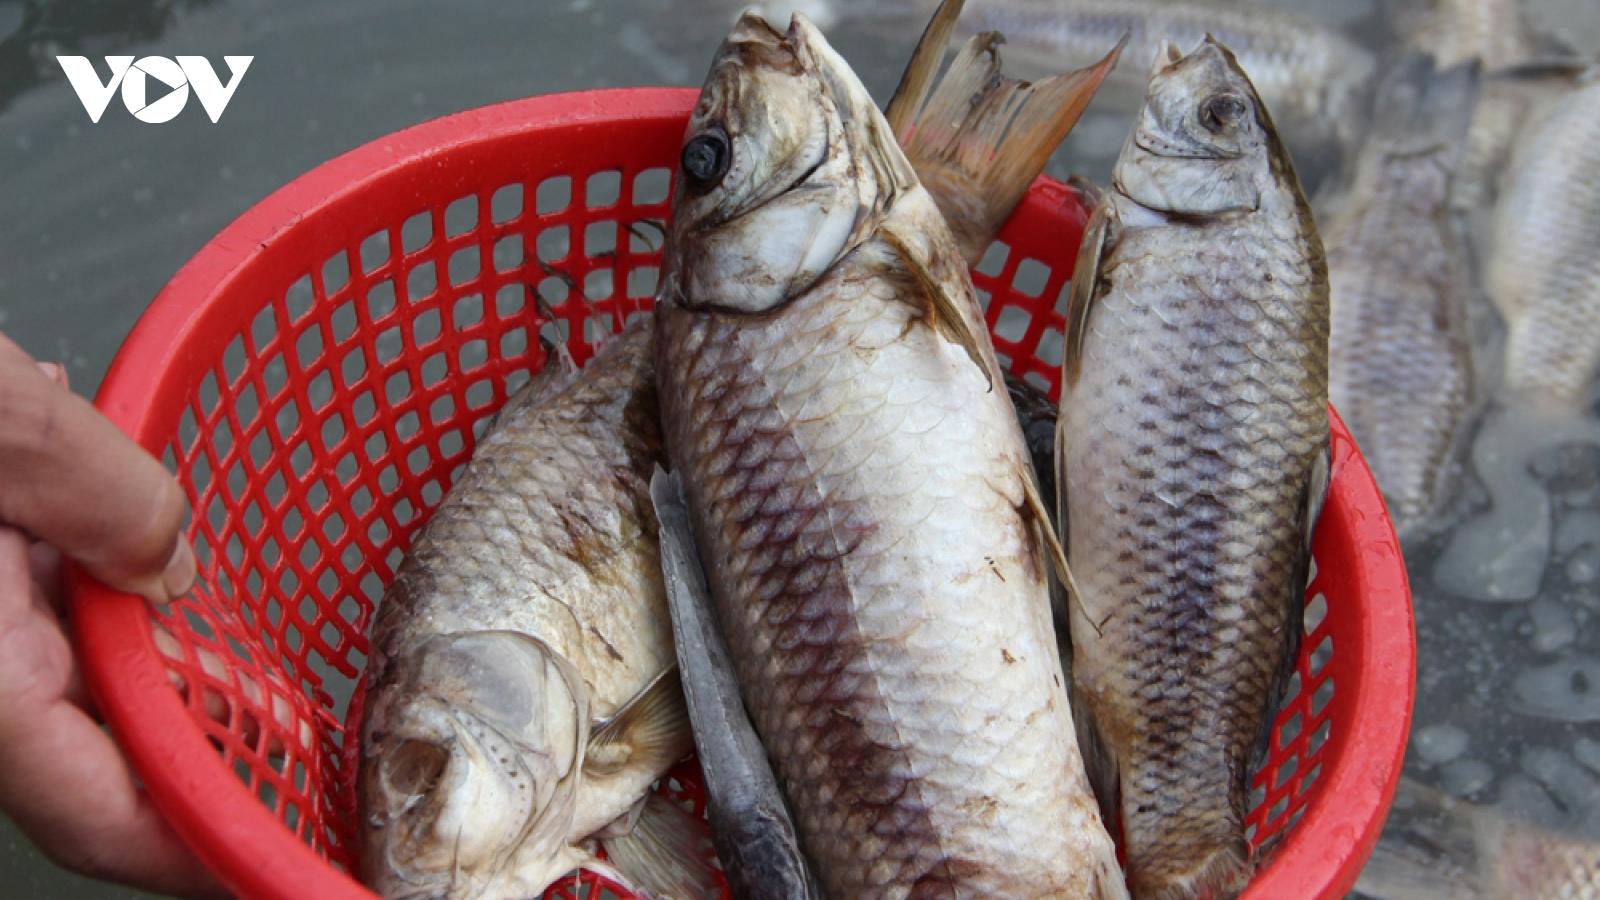 80 tấn cá chết trên sông ở Bình Dương chưa xác định được nguyên nhân